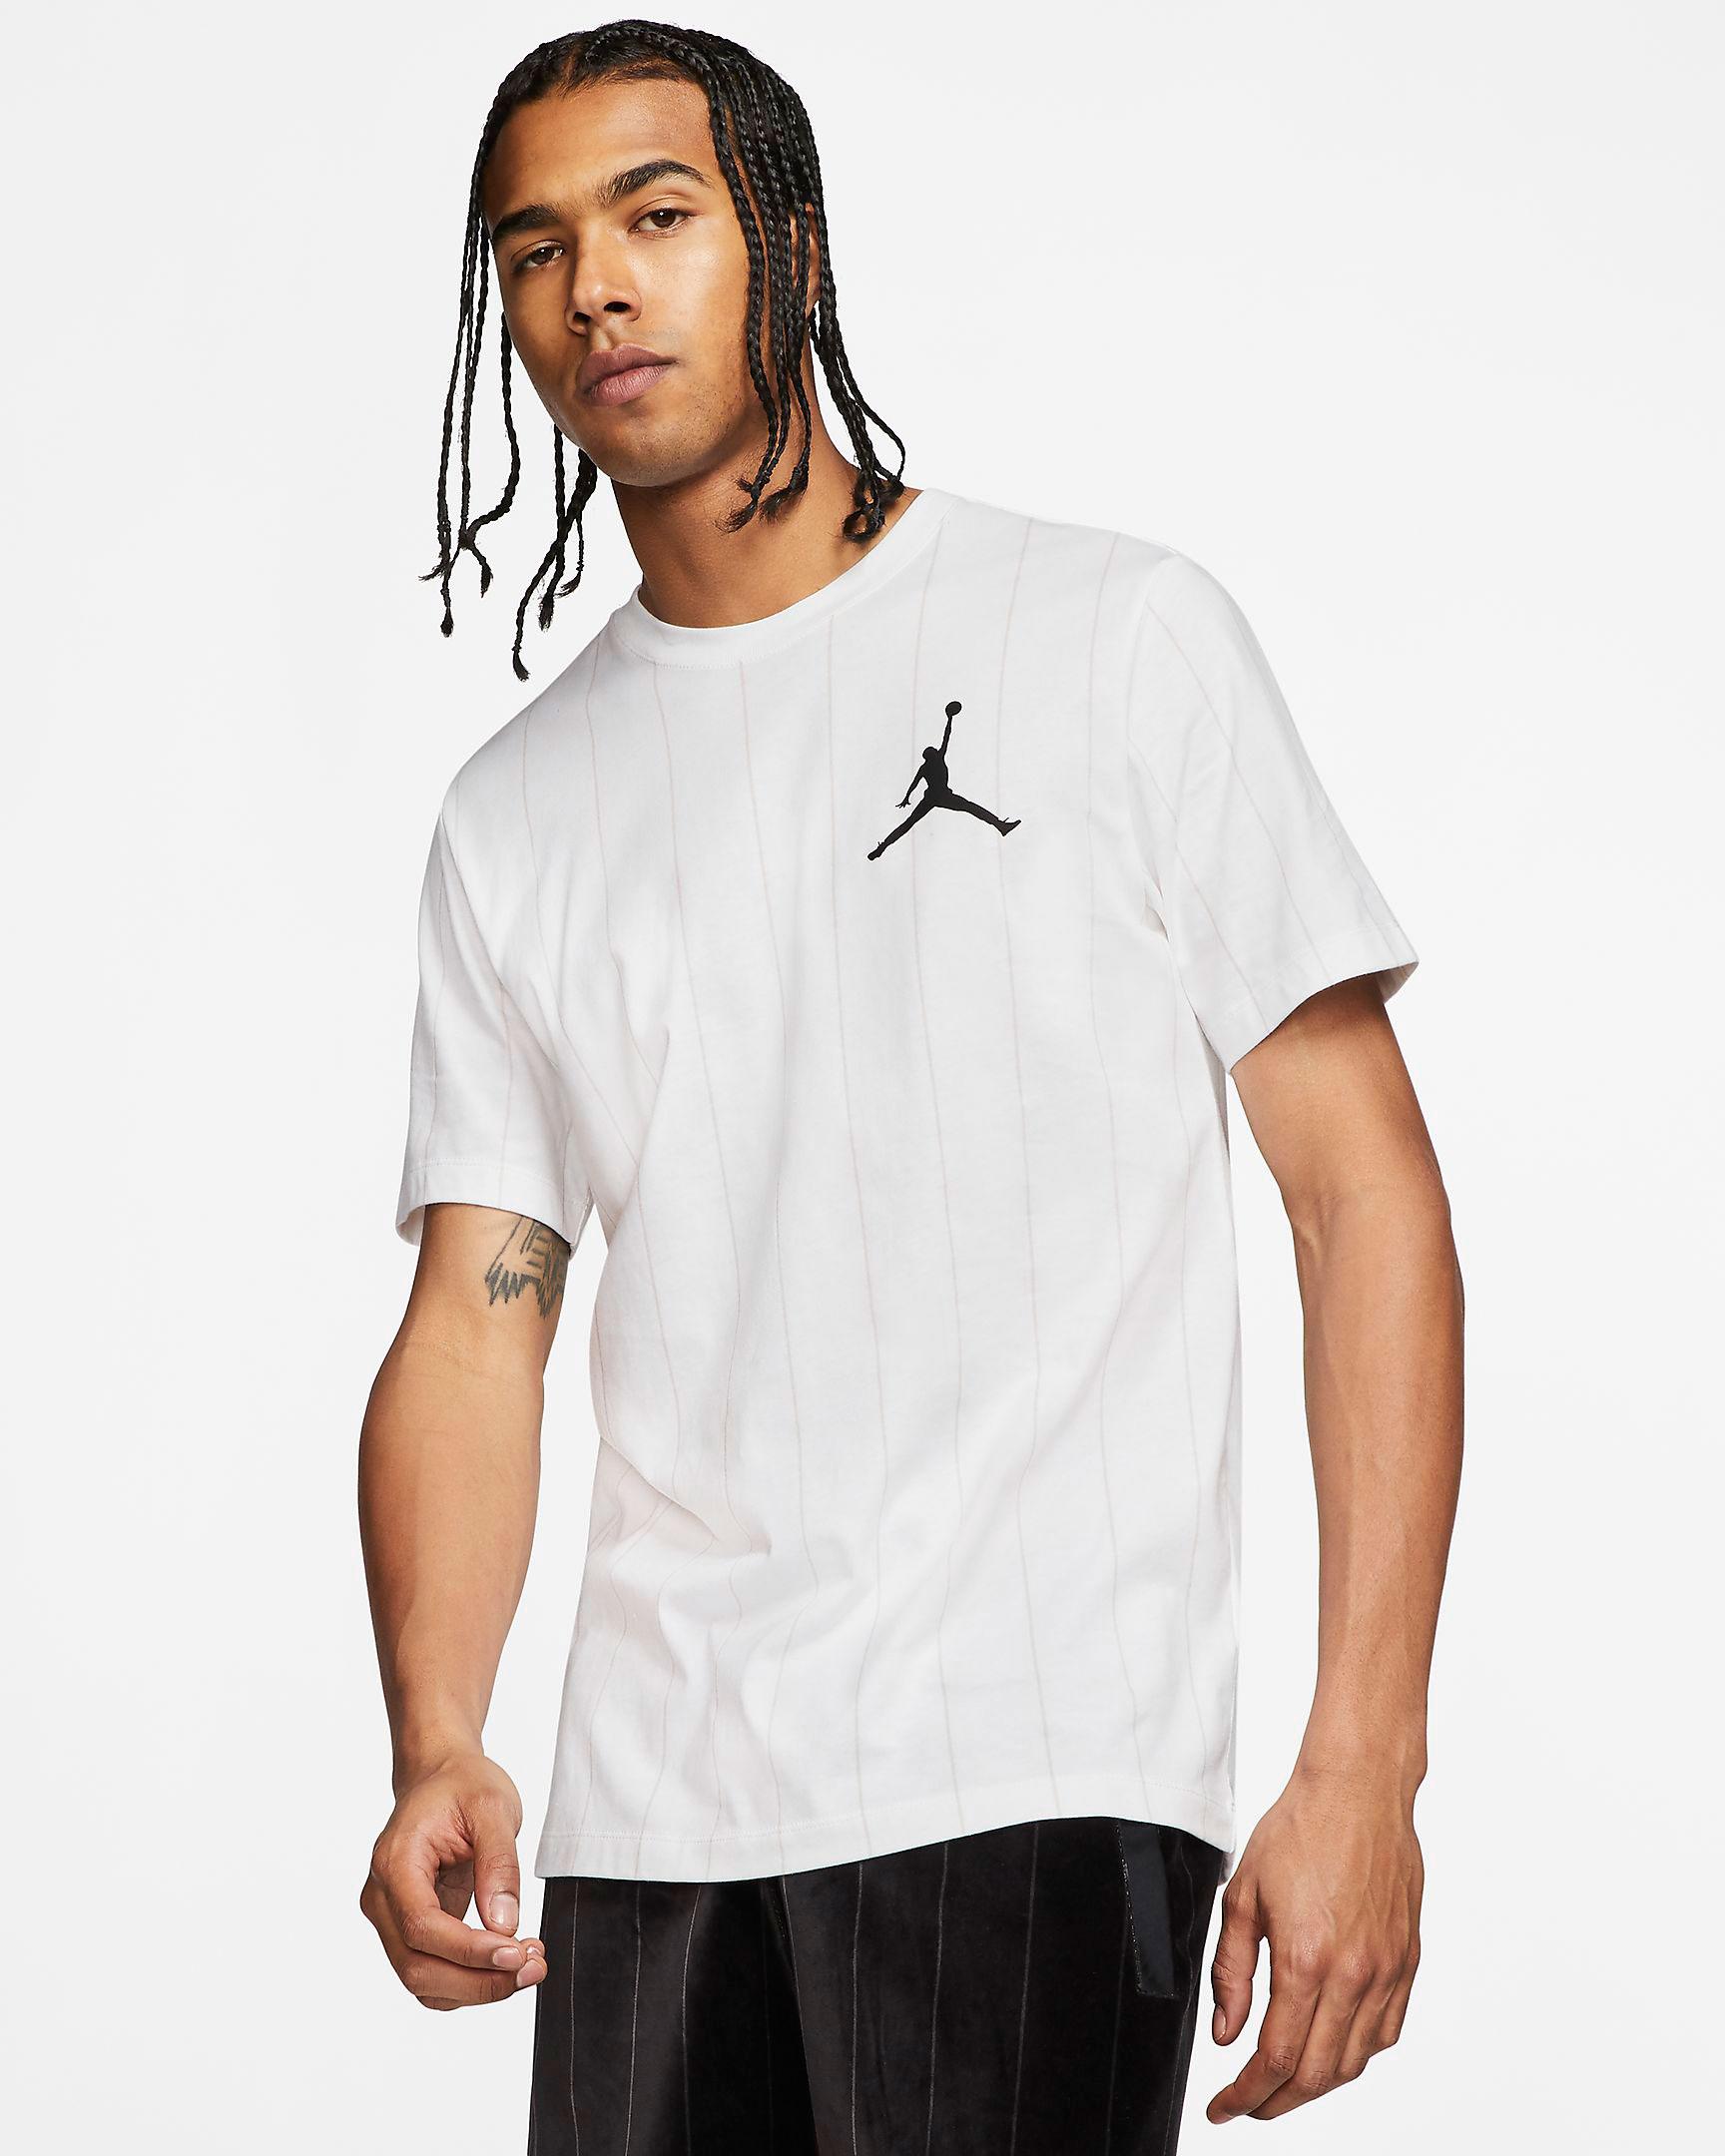 jordan-remastered-t-shirt-white-black-pink-1